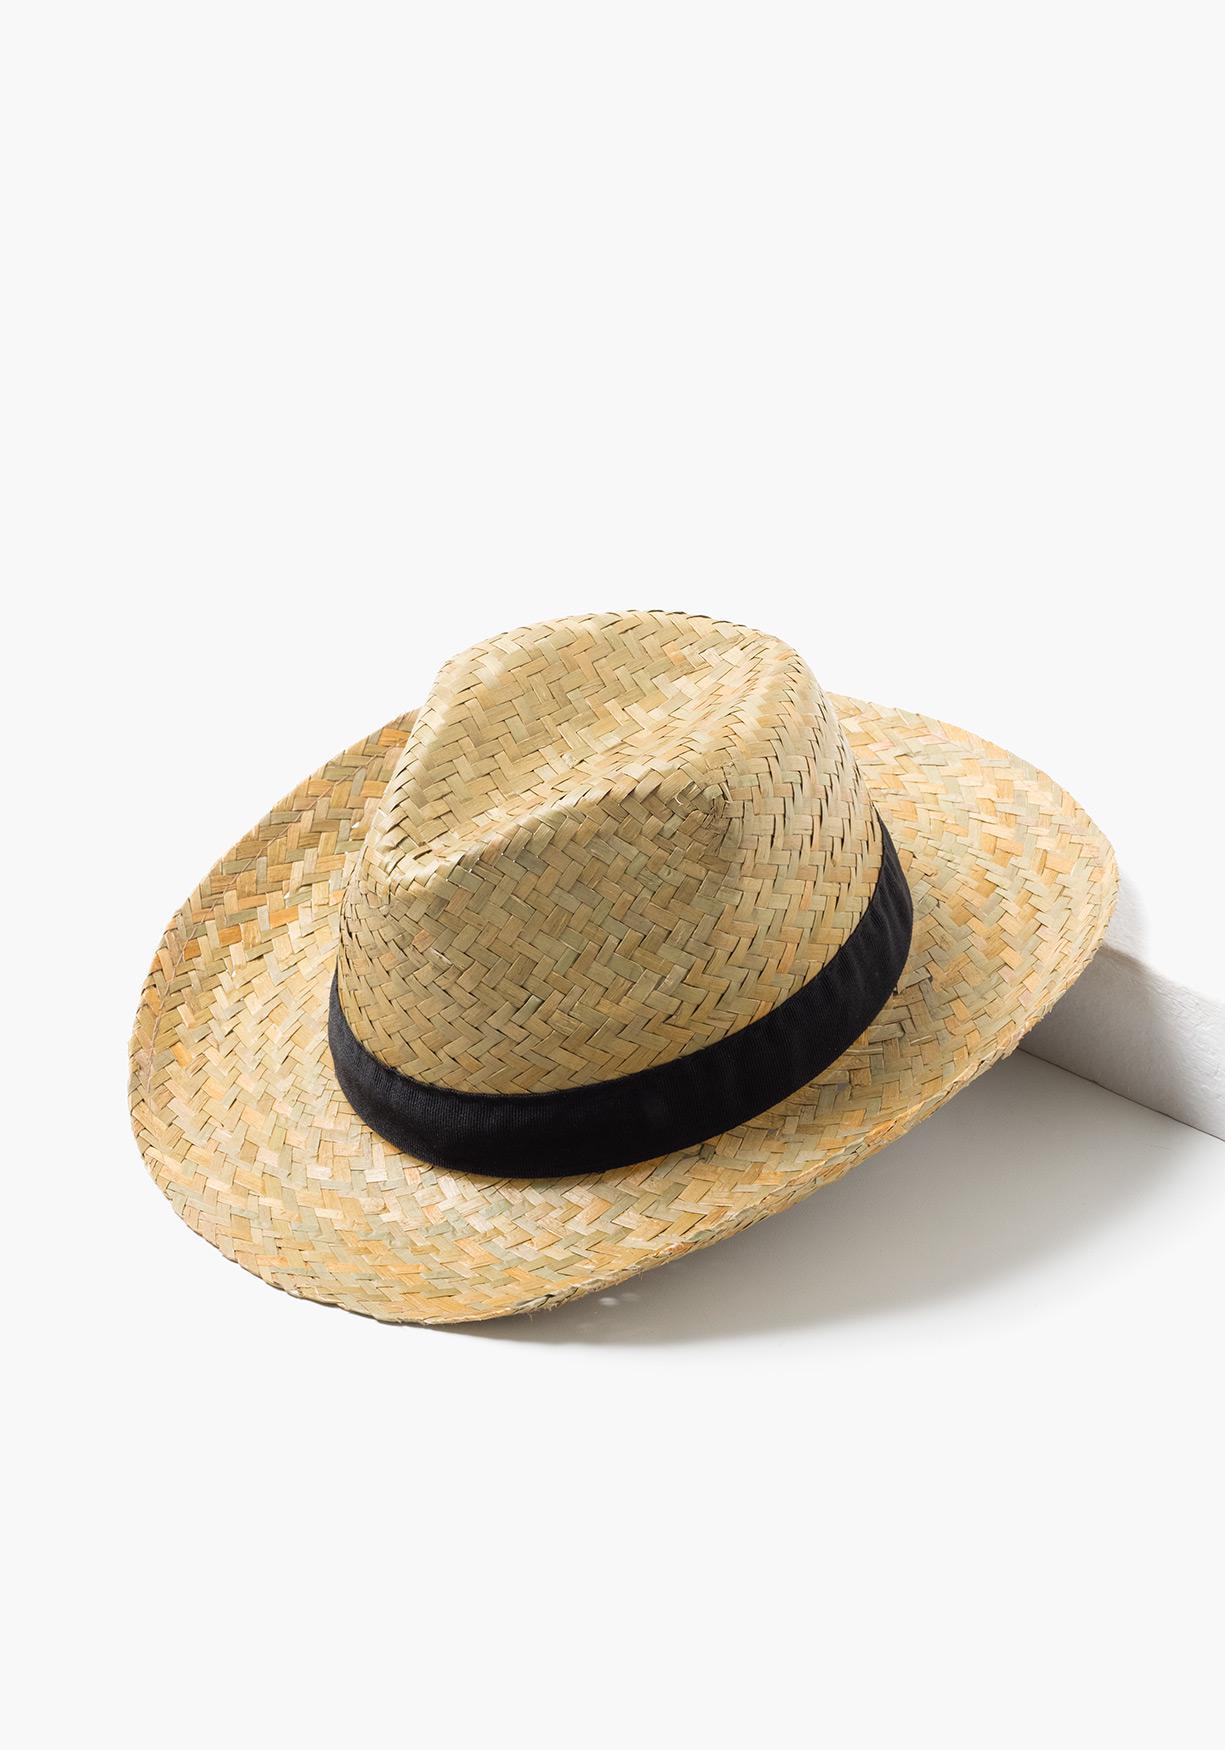 7ccf91fe868b2 Comprar Sombrero de paja. ¡Aprovéchate de nuestros precios y ...